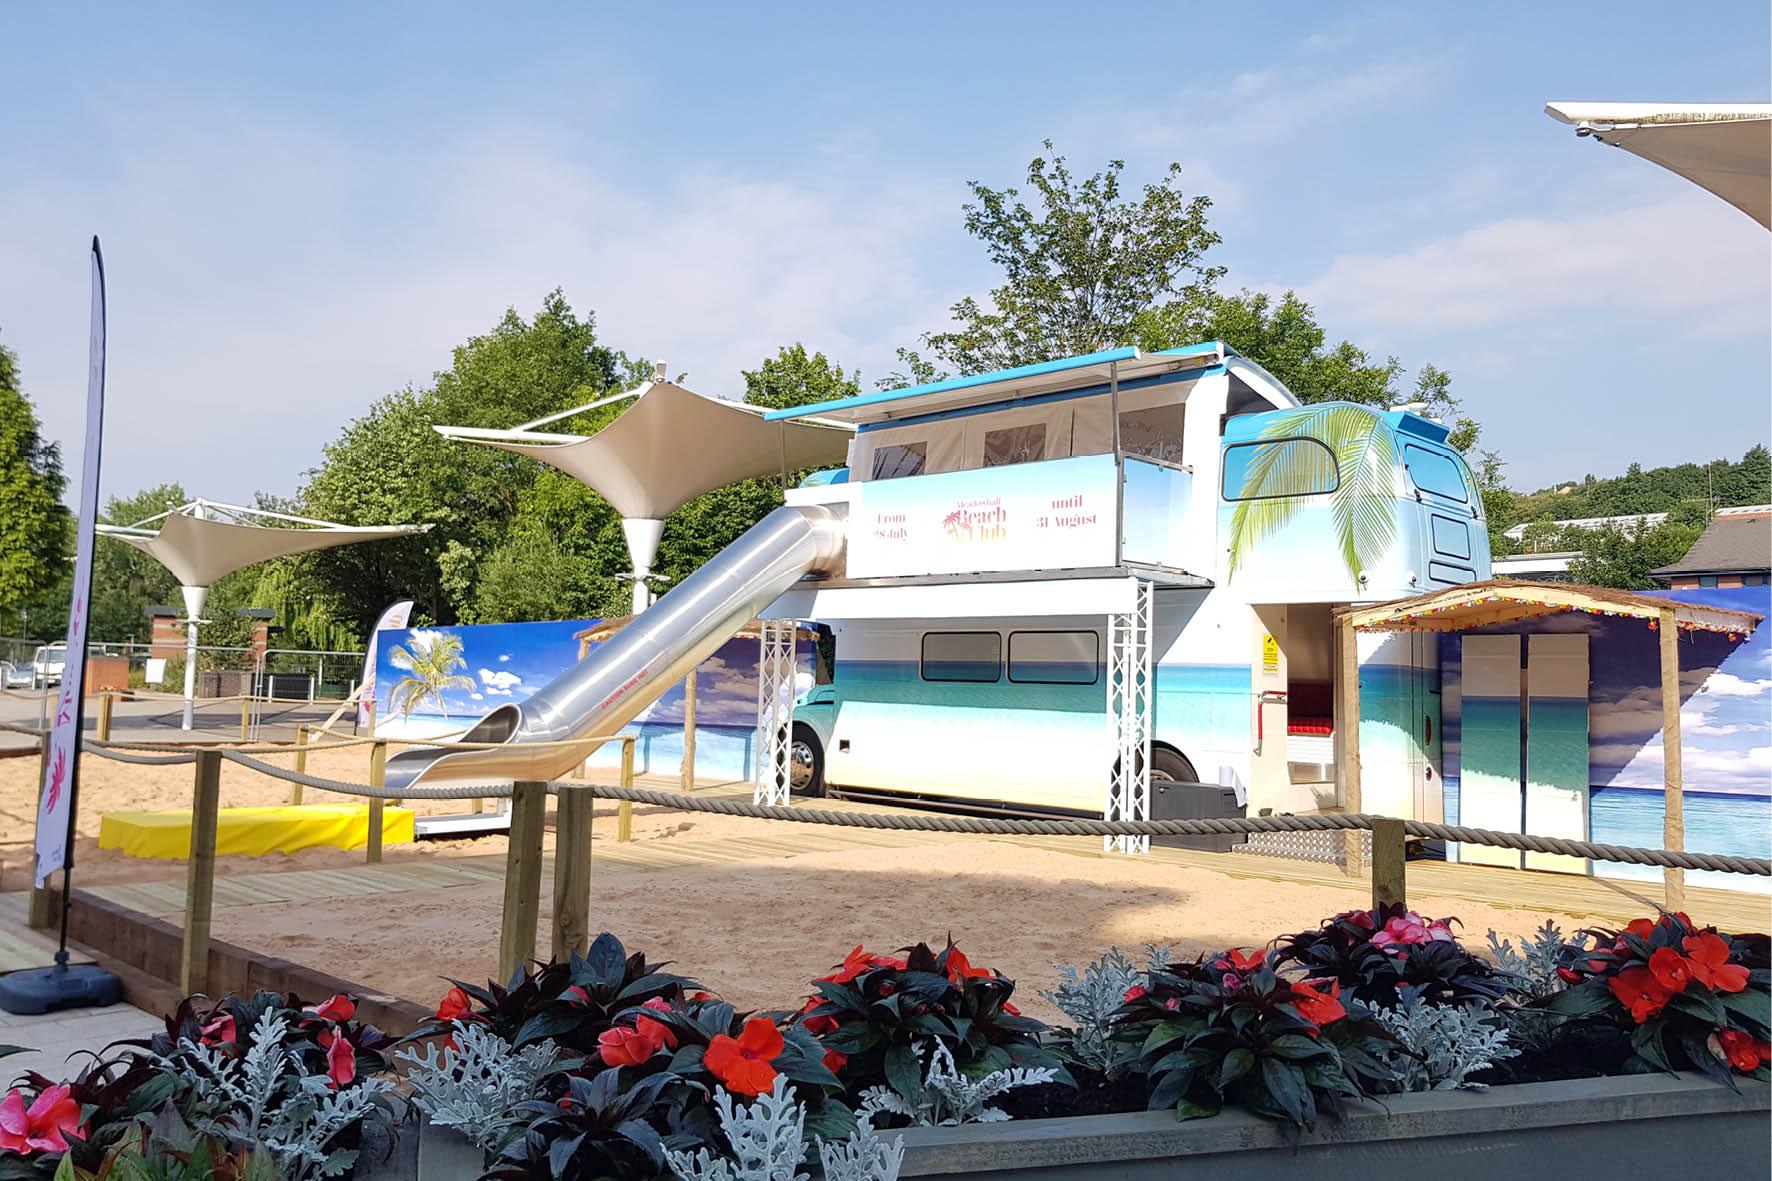 bus_business_meadowhall_beach_club_5.jpg